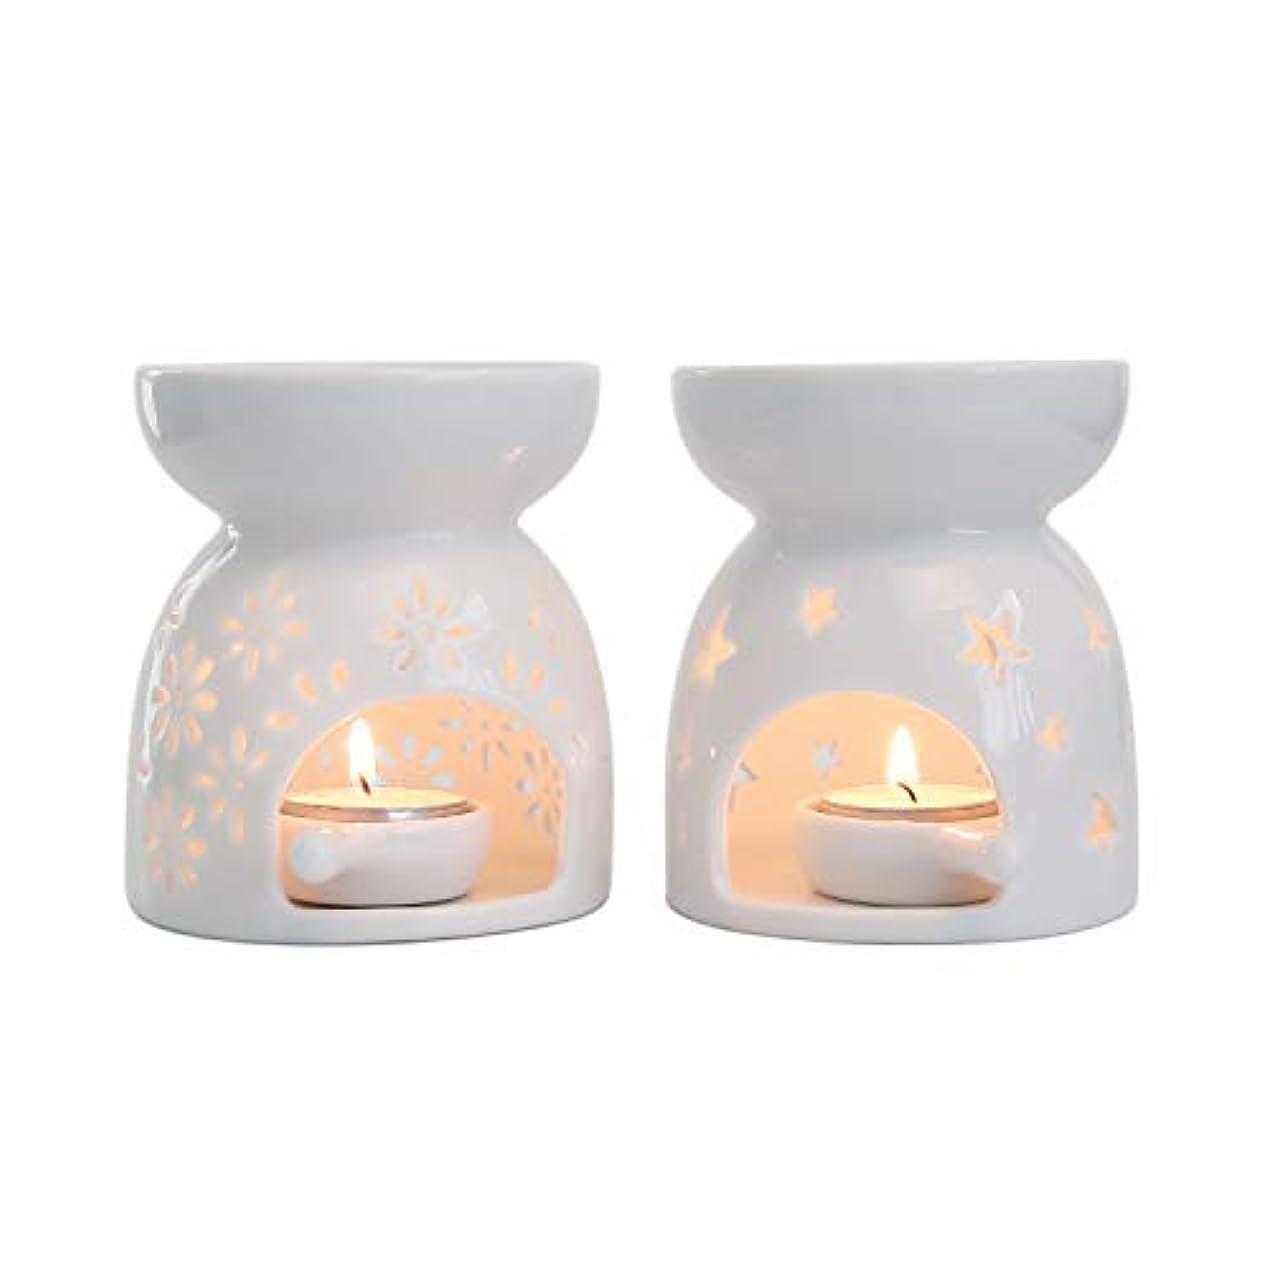 サーバント縁石一見Rachel's Choice 陶製 アロマ ランプ ディフューザー アロマキャンドル キャンドルホルダー 花形&星形 ホワイト 2点セット